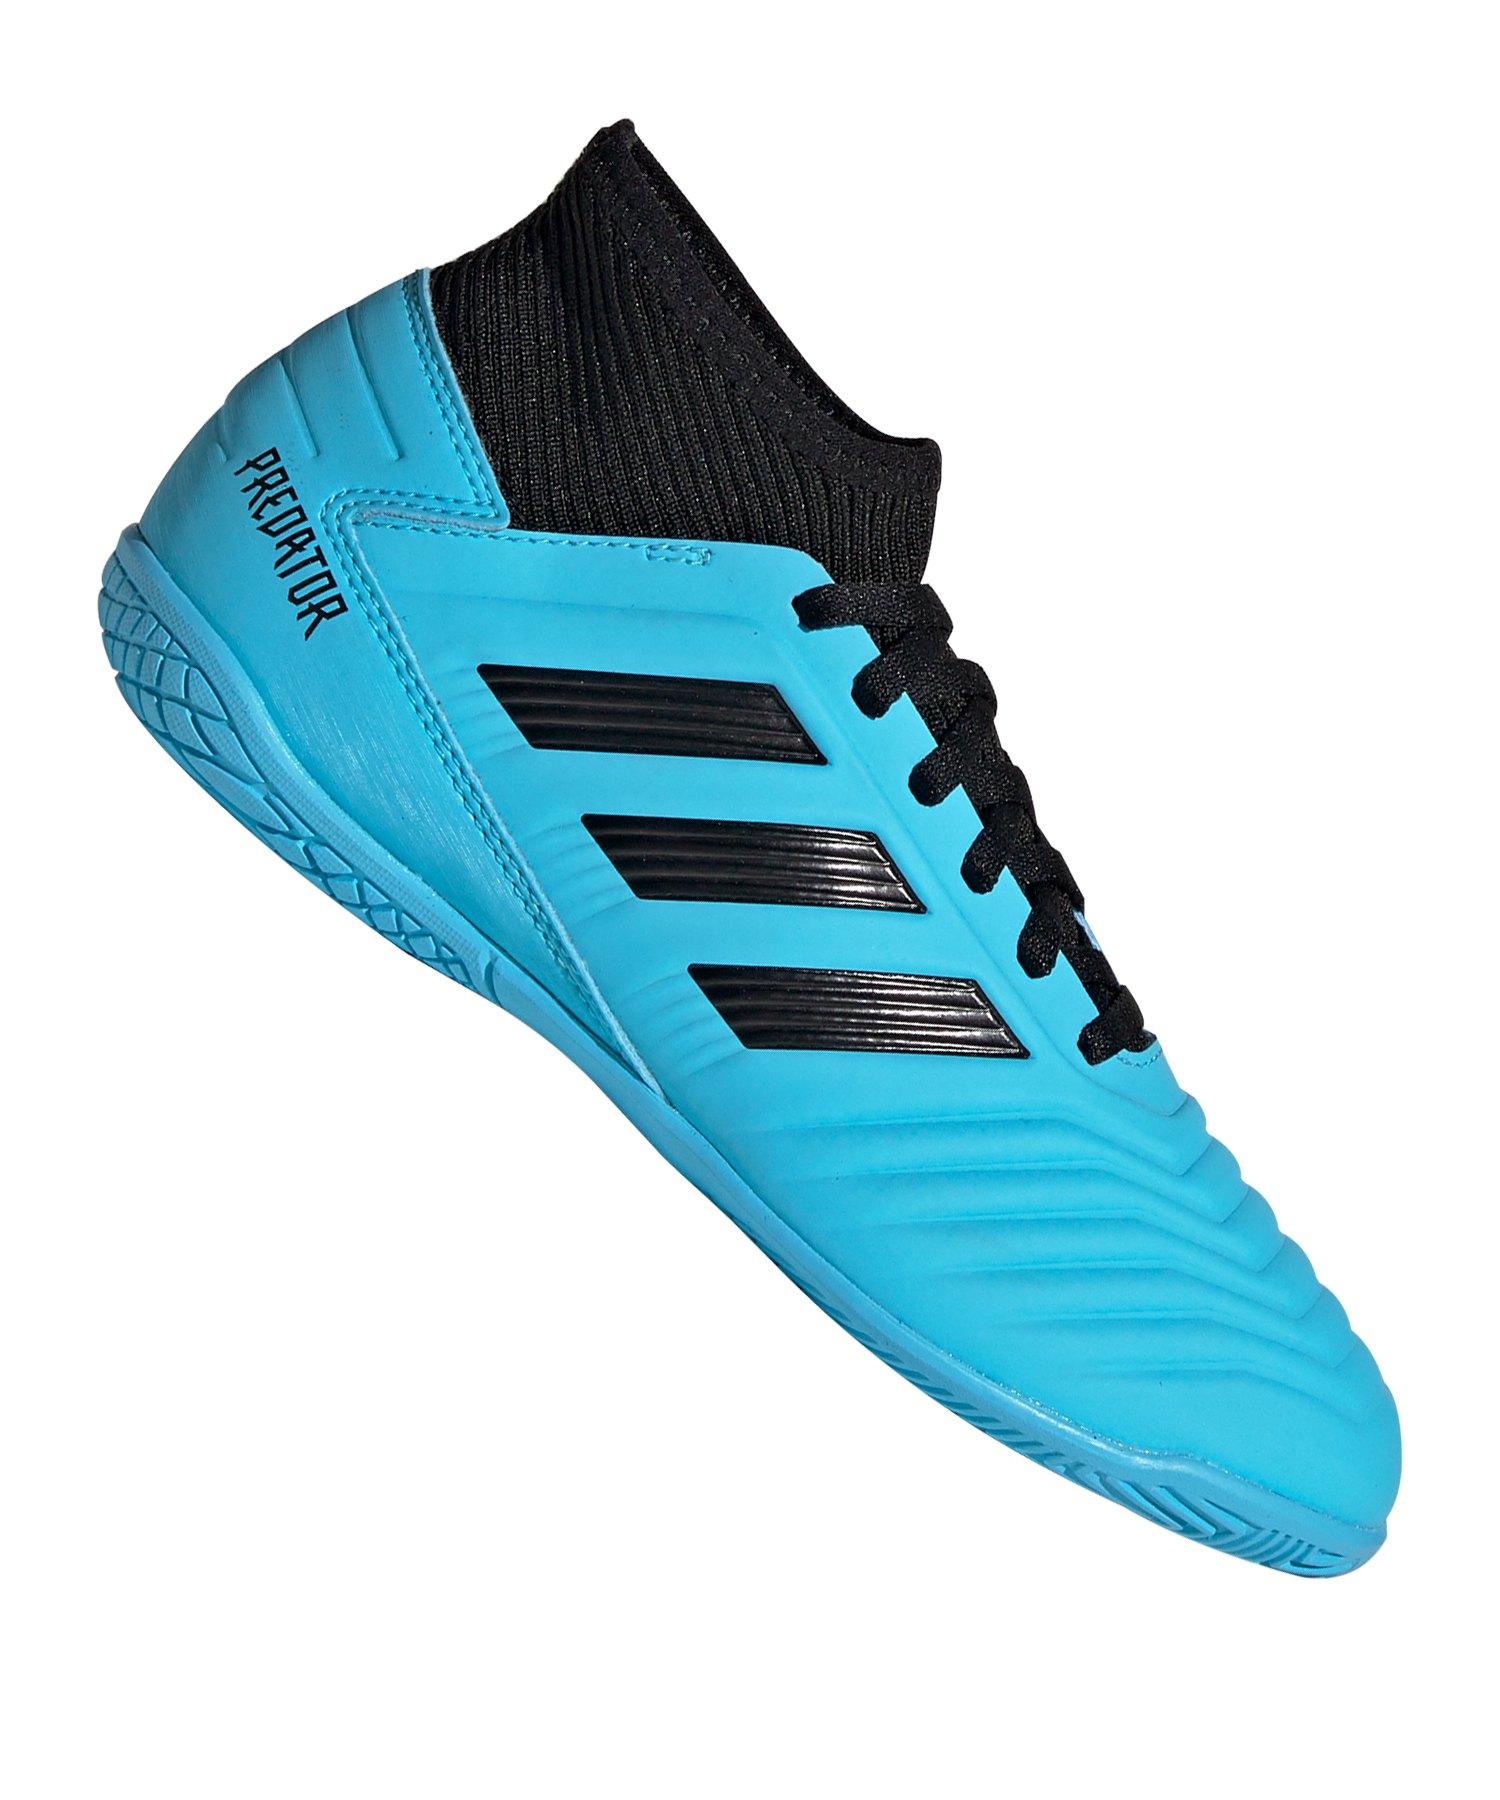 adidas Predator 19.3 IN Halle J Kids Blau Schwarz